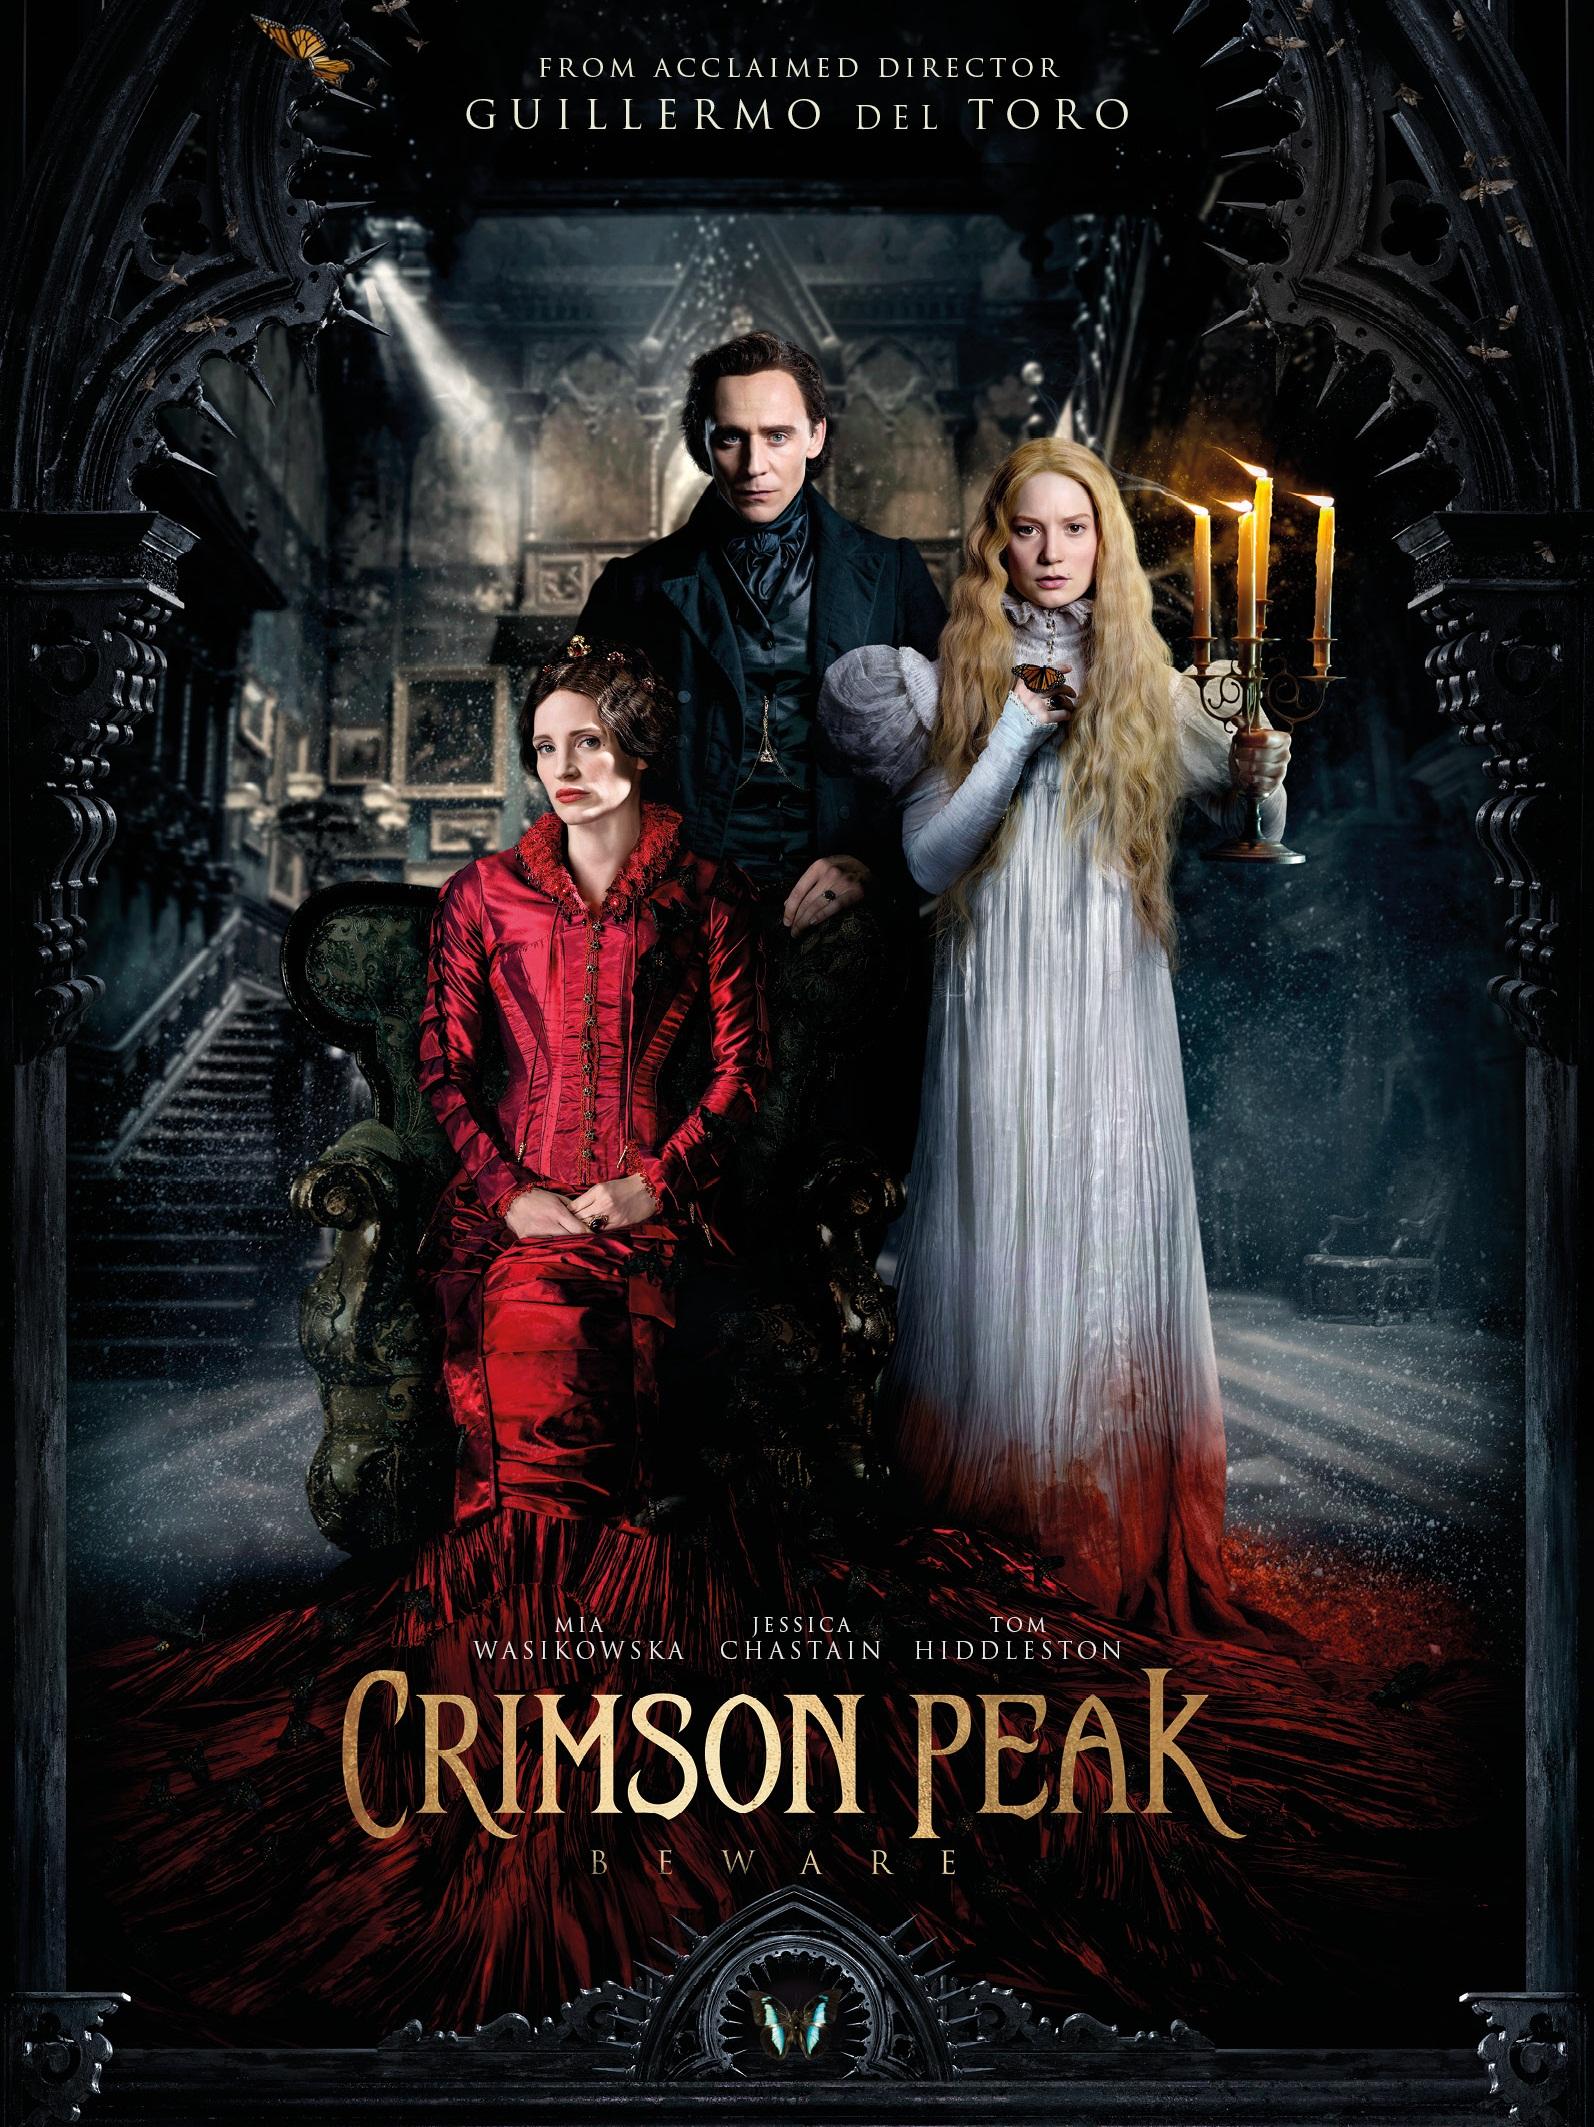 bộ phim kinh dị Crimson Peak sẽ là luồng gió mới trong dịp Giáng sinh 2015